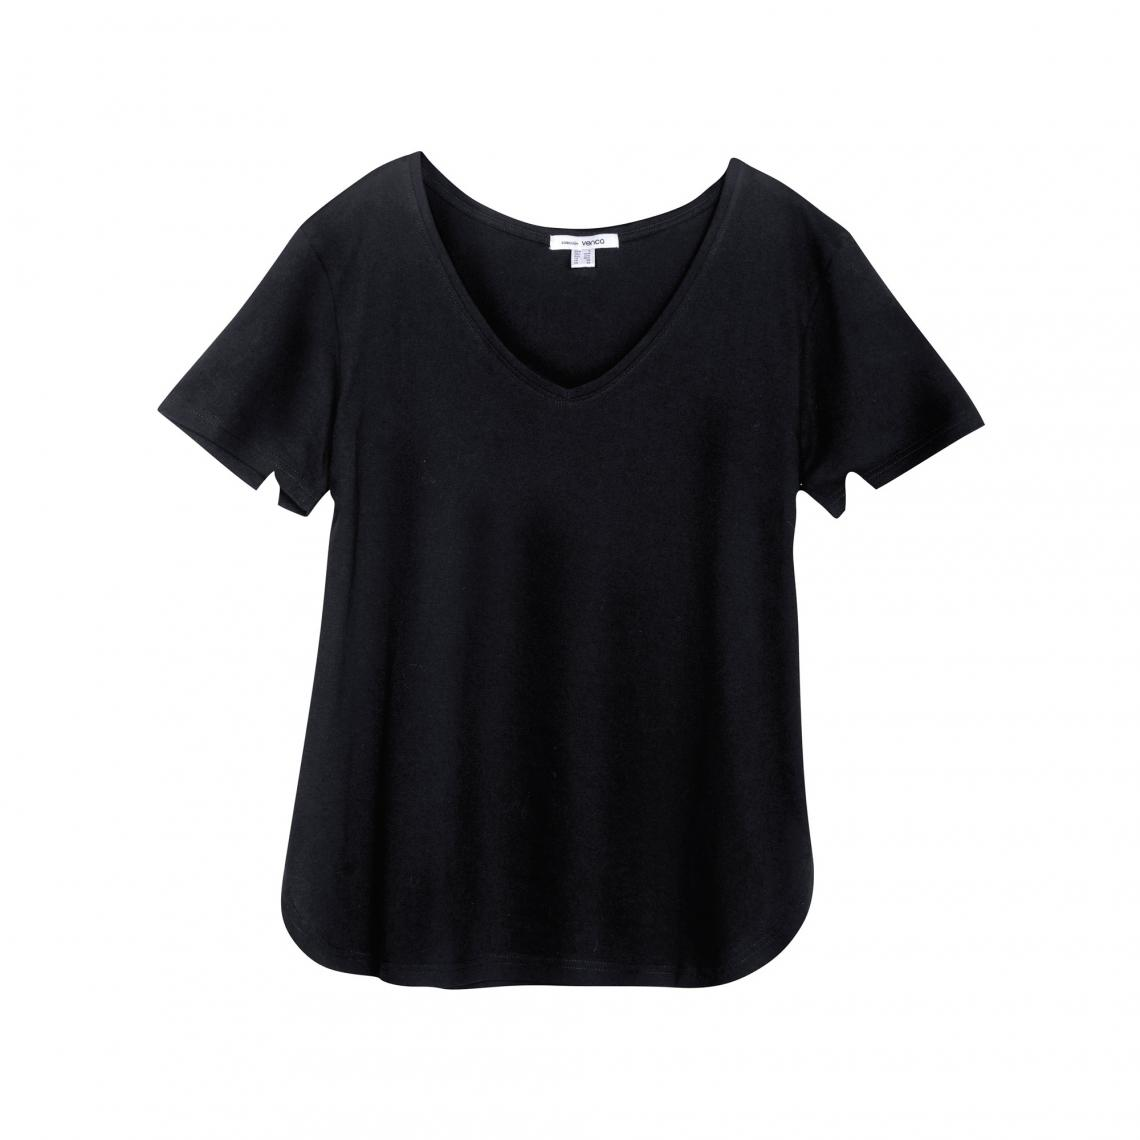 Tee shirt col V manches courtes bas arrondi femme Noir Plus de détails